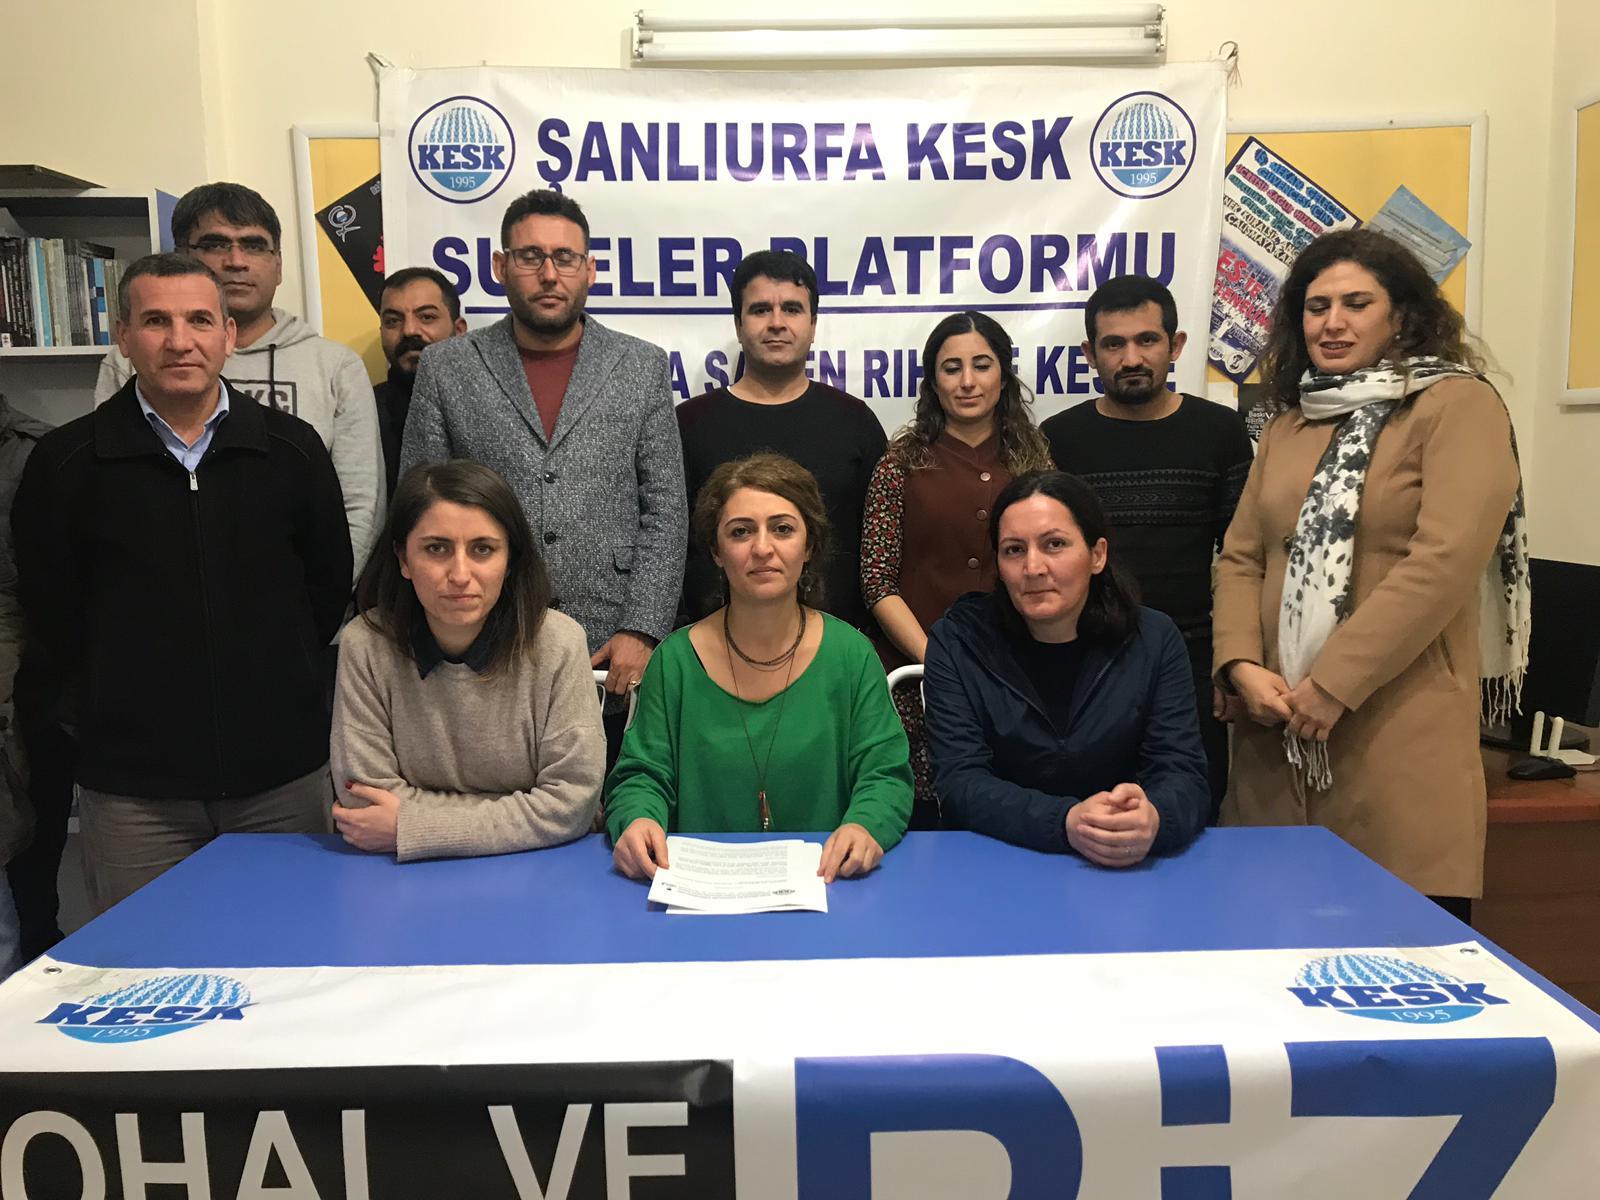 Ş.Urfa: OHAL Komisyonu Derhal Lağvedilsin